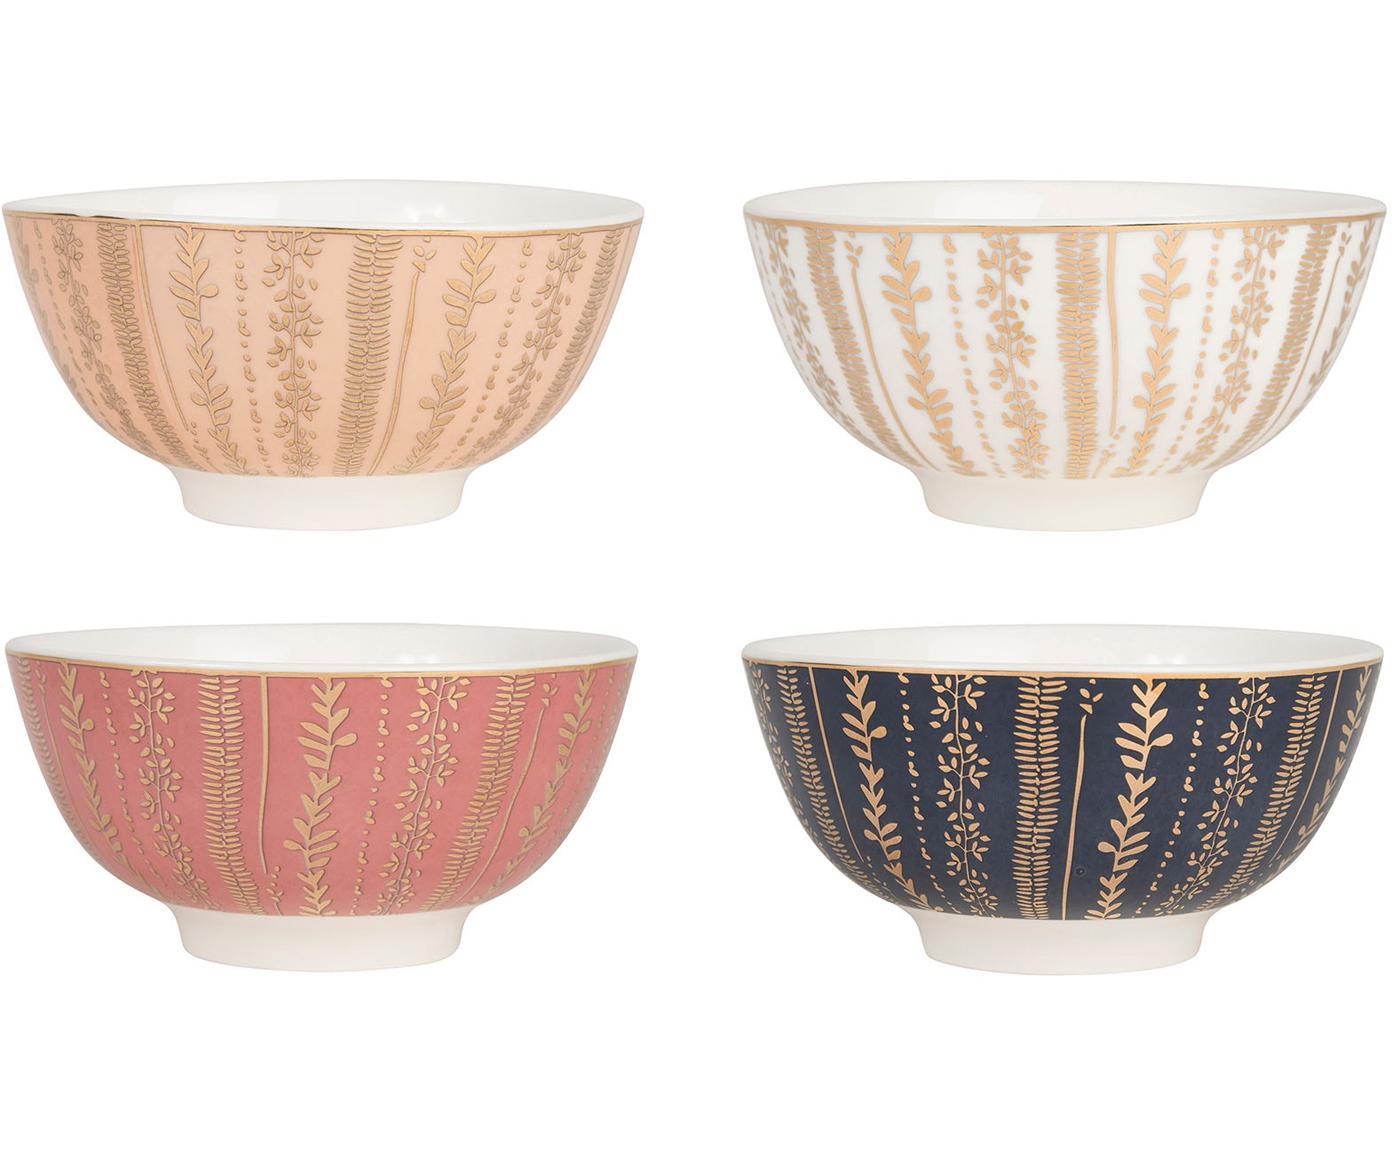 Schälchen Veg-Gold mit Golddetails, 4er-Set, Porzellan, Rosa, Blau, Ø 11 x H 6 cm